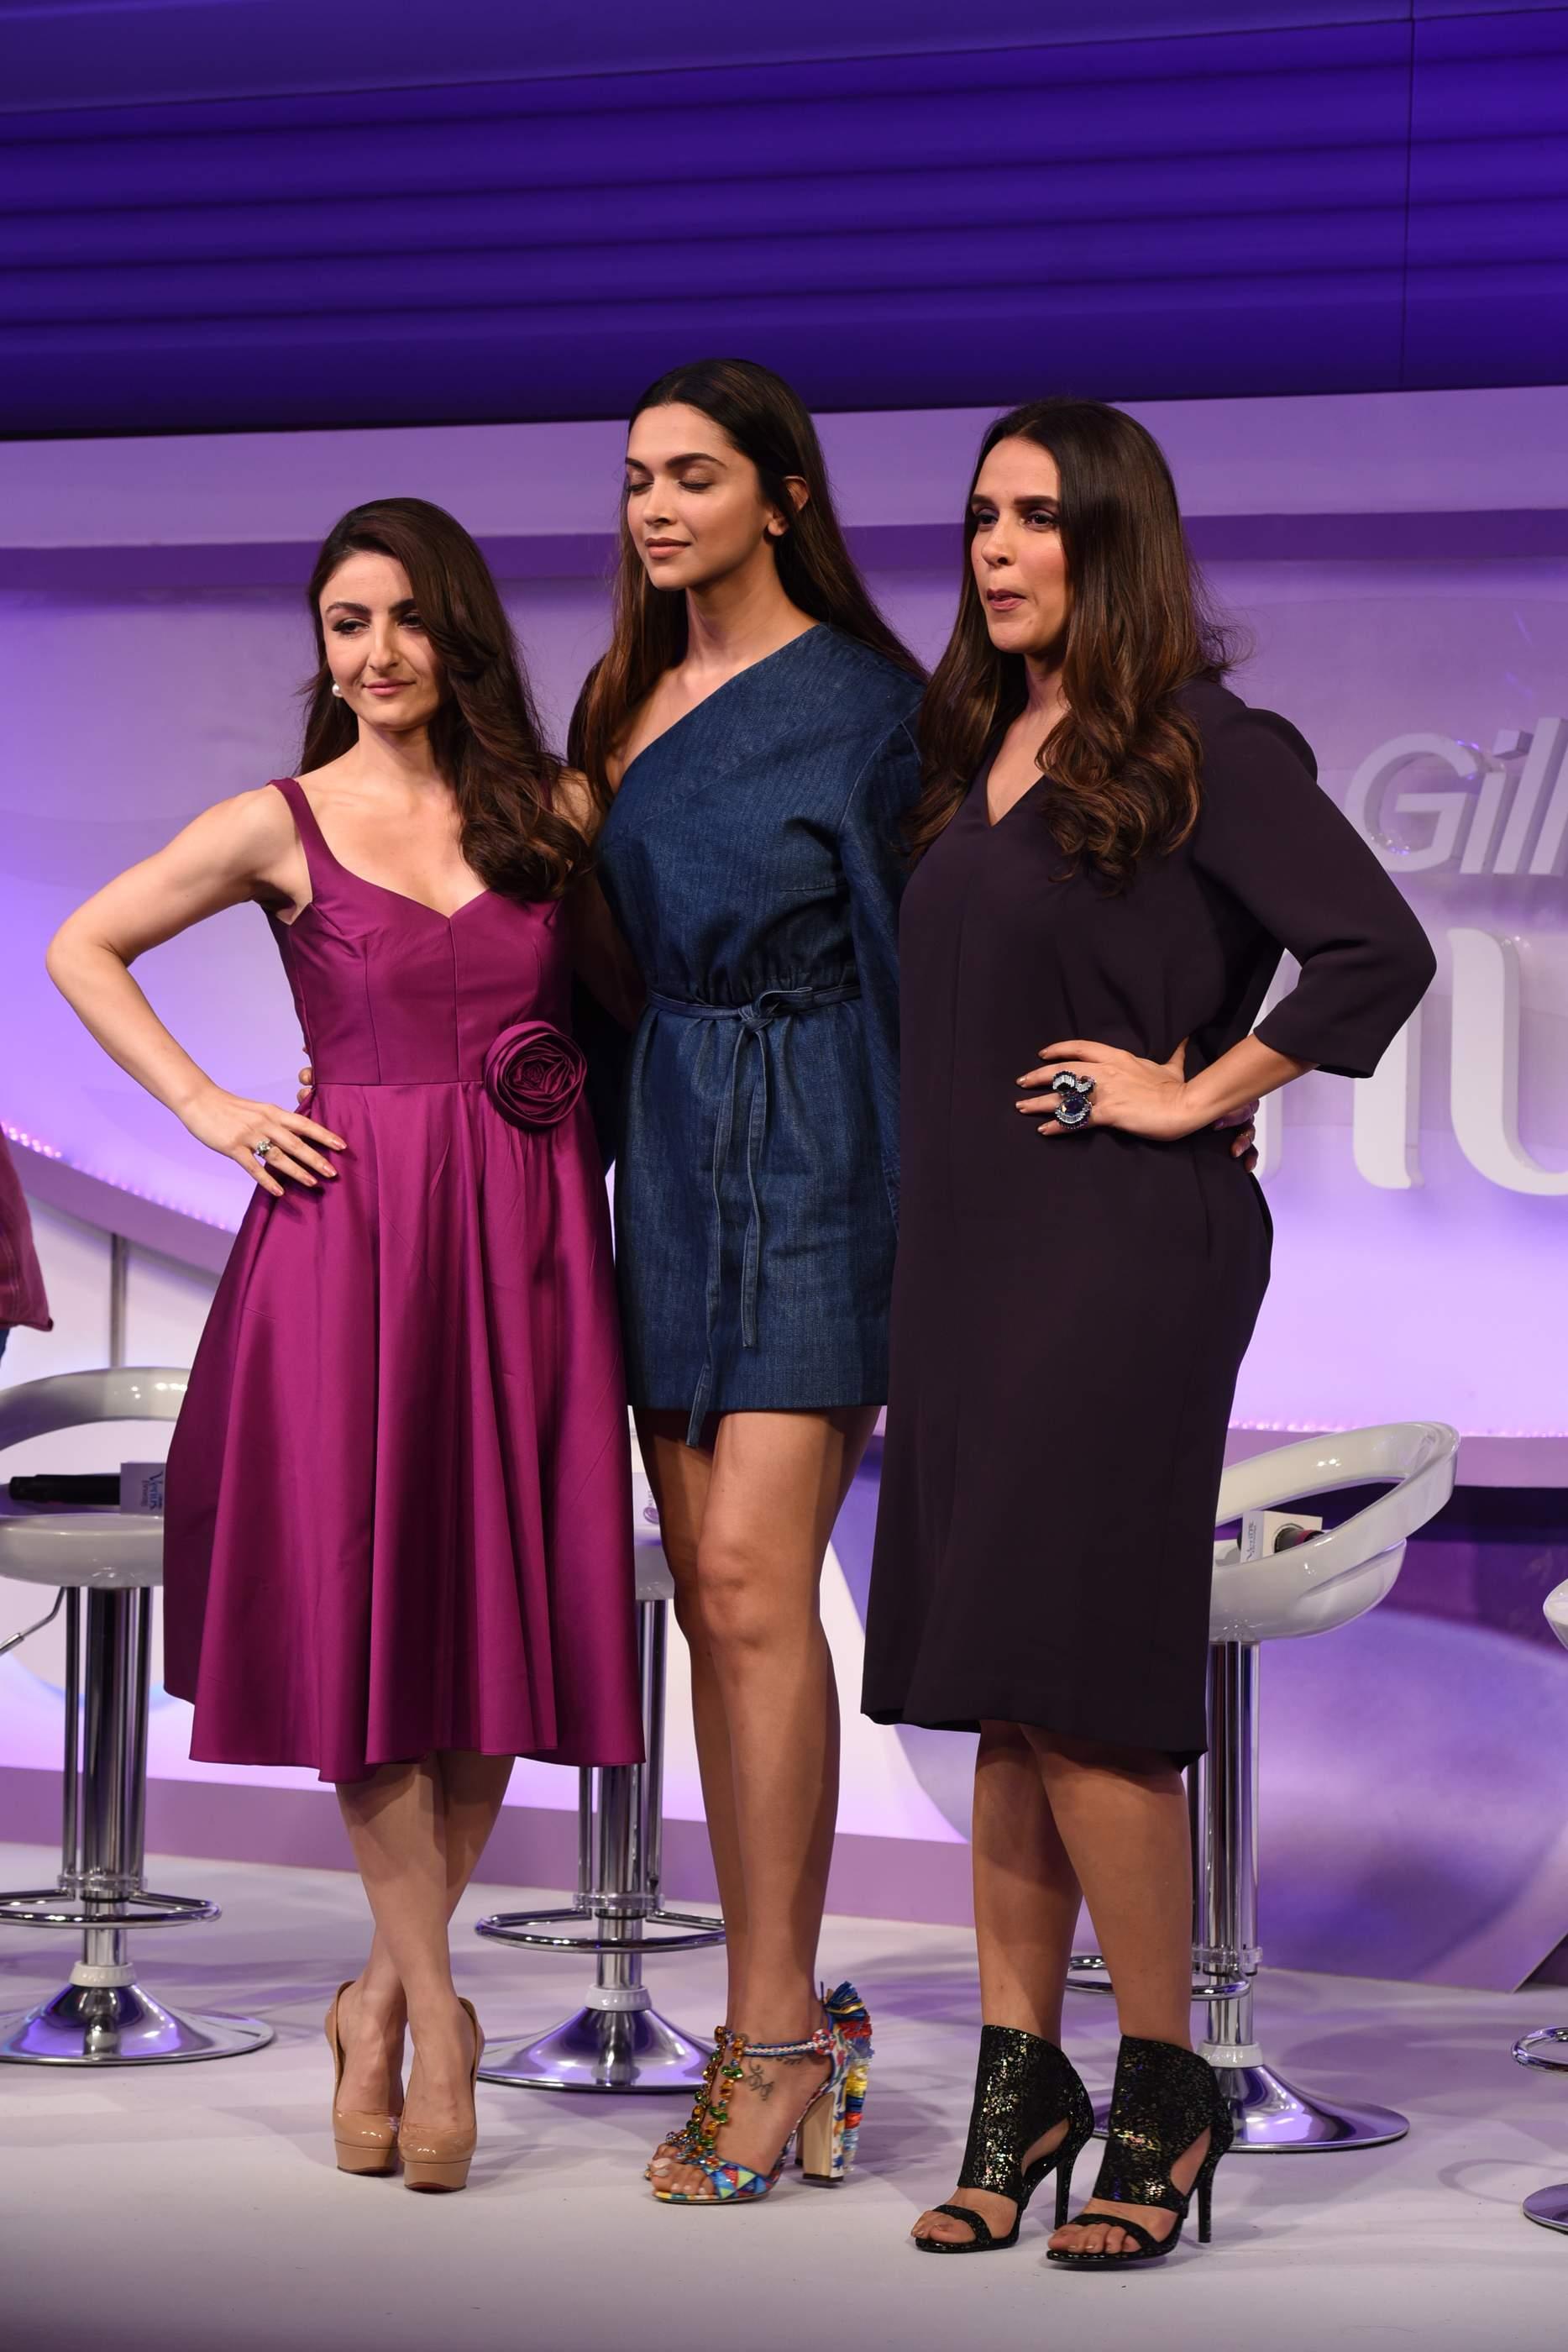 Beautiful Deepika Padukone, Soha Ali Khan & Neha Dhupia Beautiful Deepika Padukone, Soha Ali Khan & Neha Dhupia Gilette 128